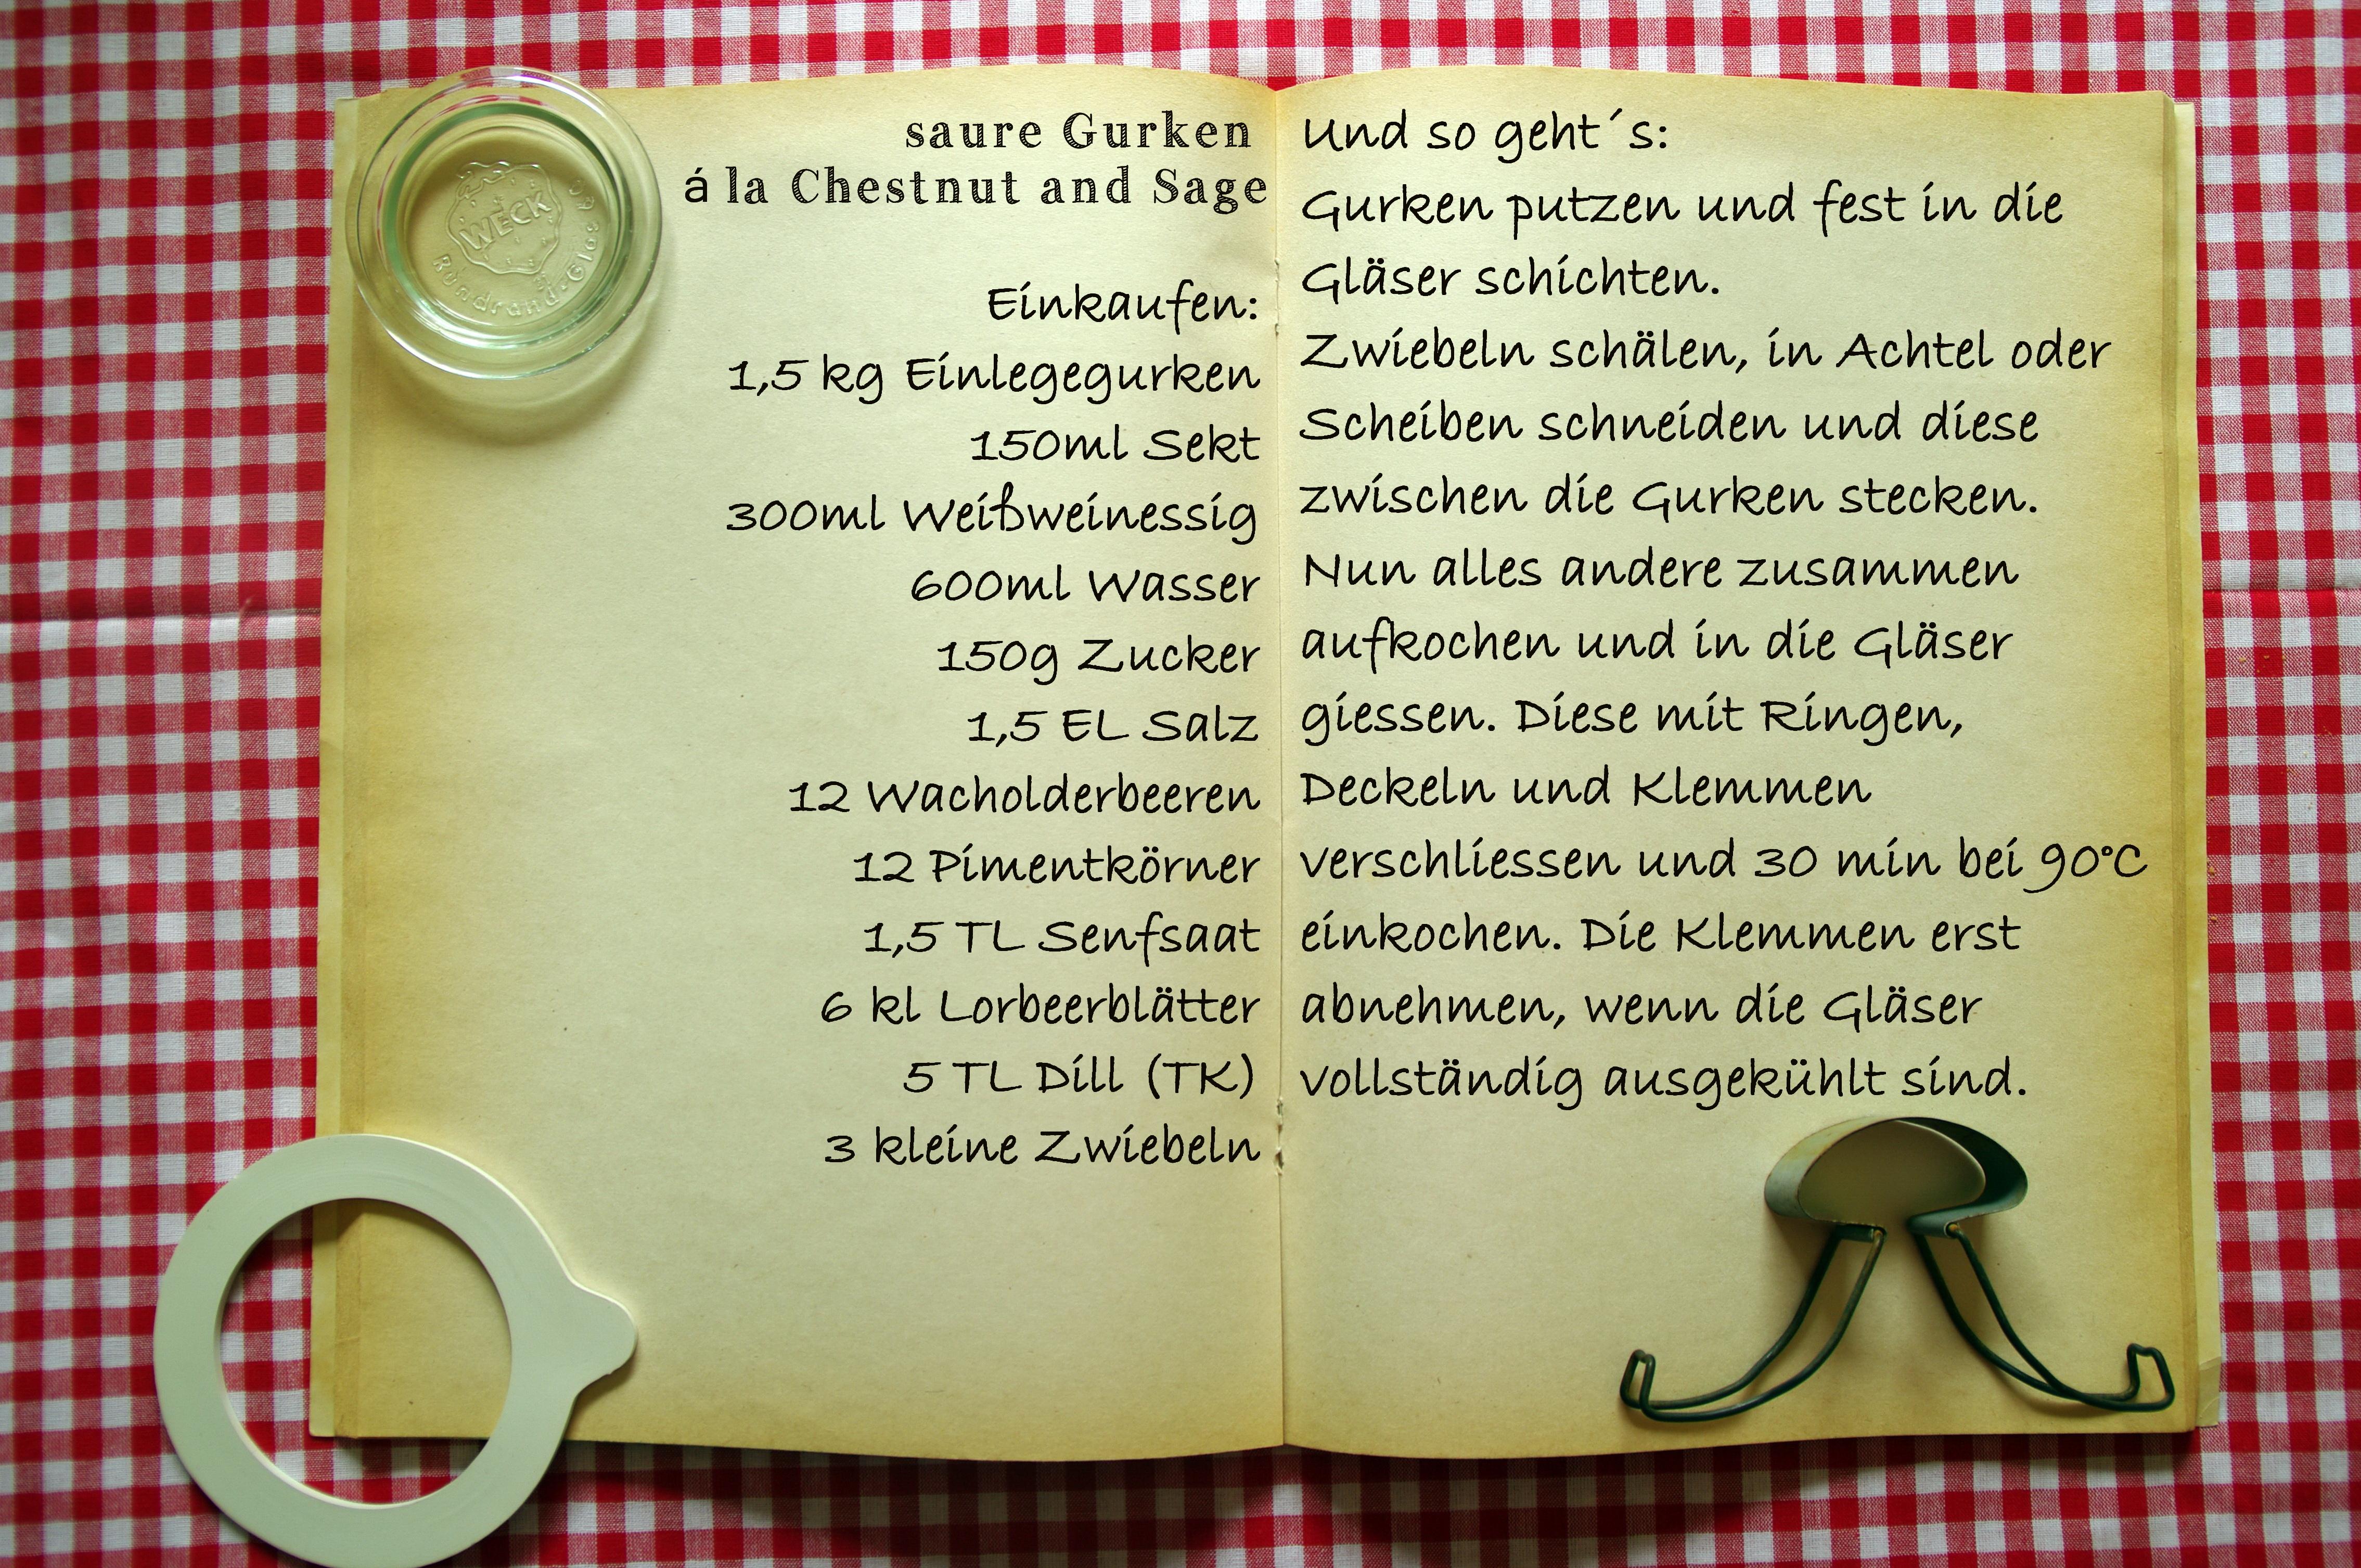 Einkaufszettel Gurken a la Chestnutandsage